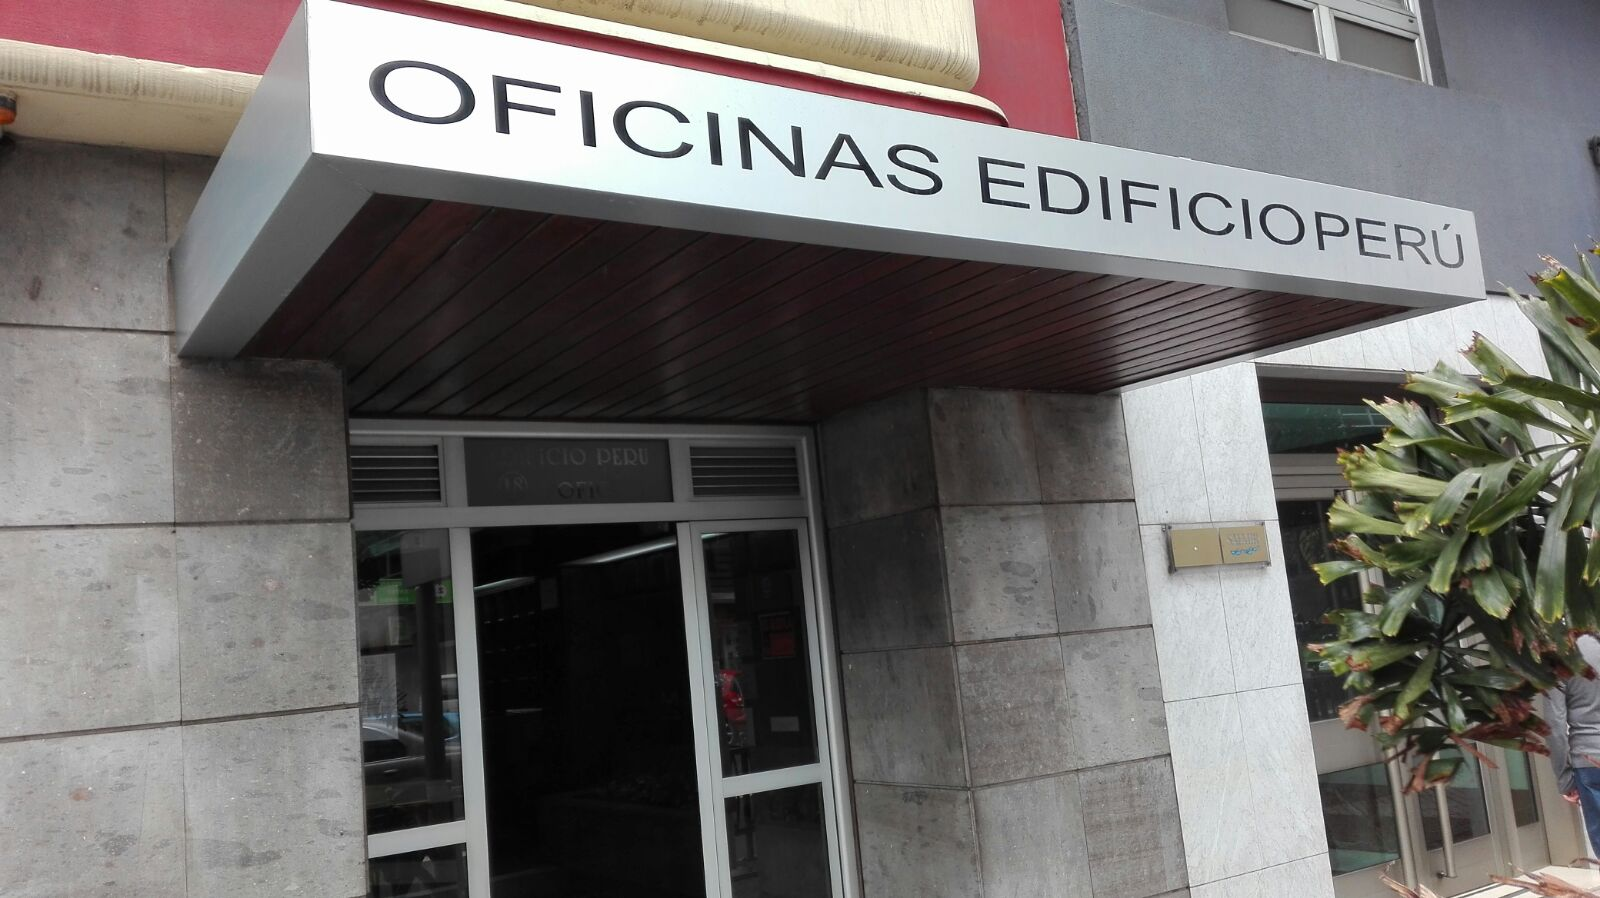 Oficina en Palmas de Gran Canaria (Las) (35795-0001) - foto1